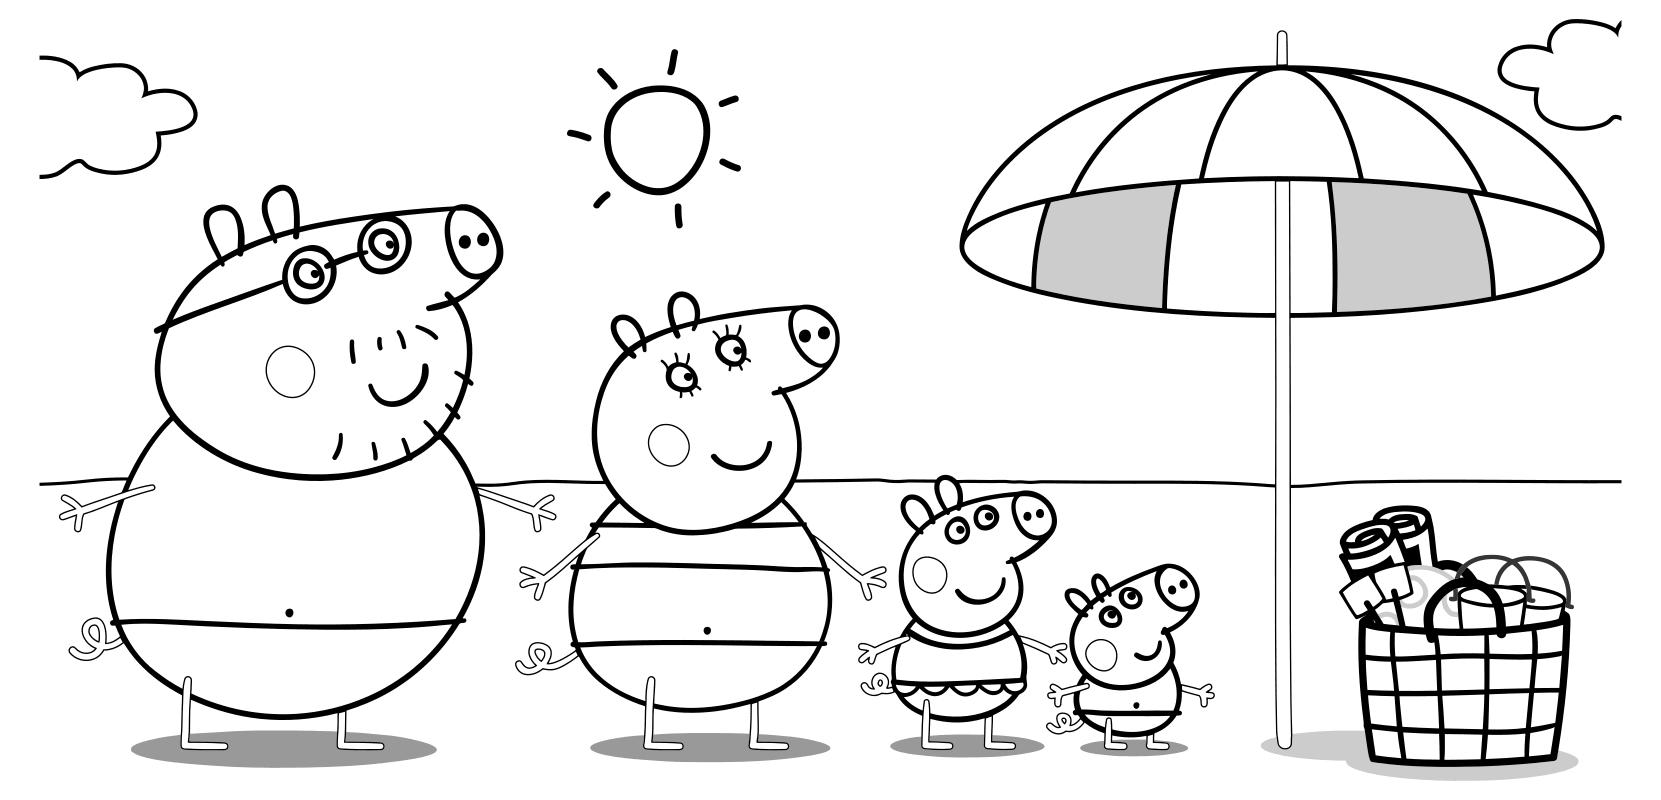 Раскраска - Свинка Пеппа - Папа Свин, Мама Свинка, Пеппа и ...